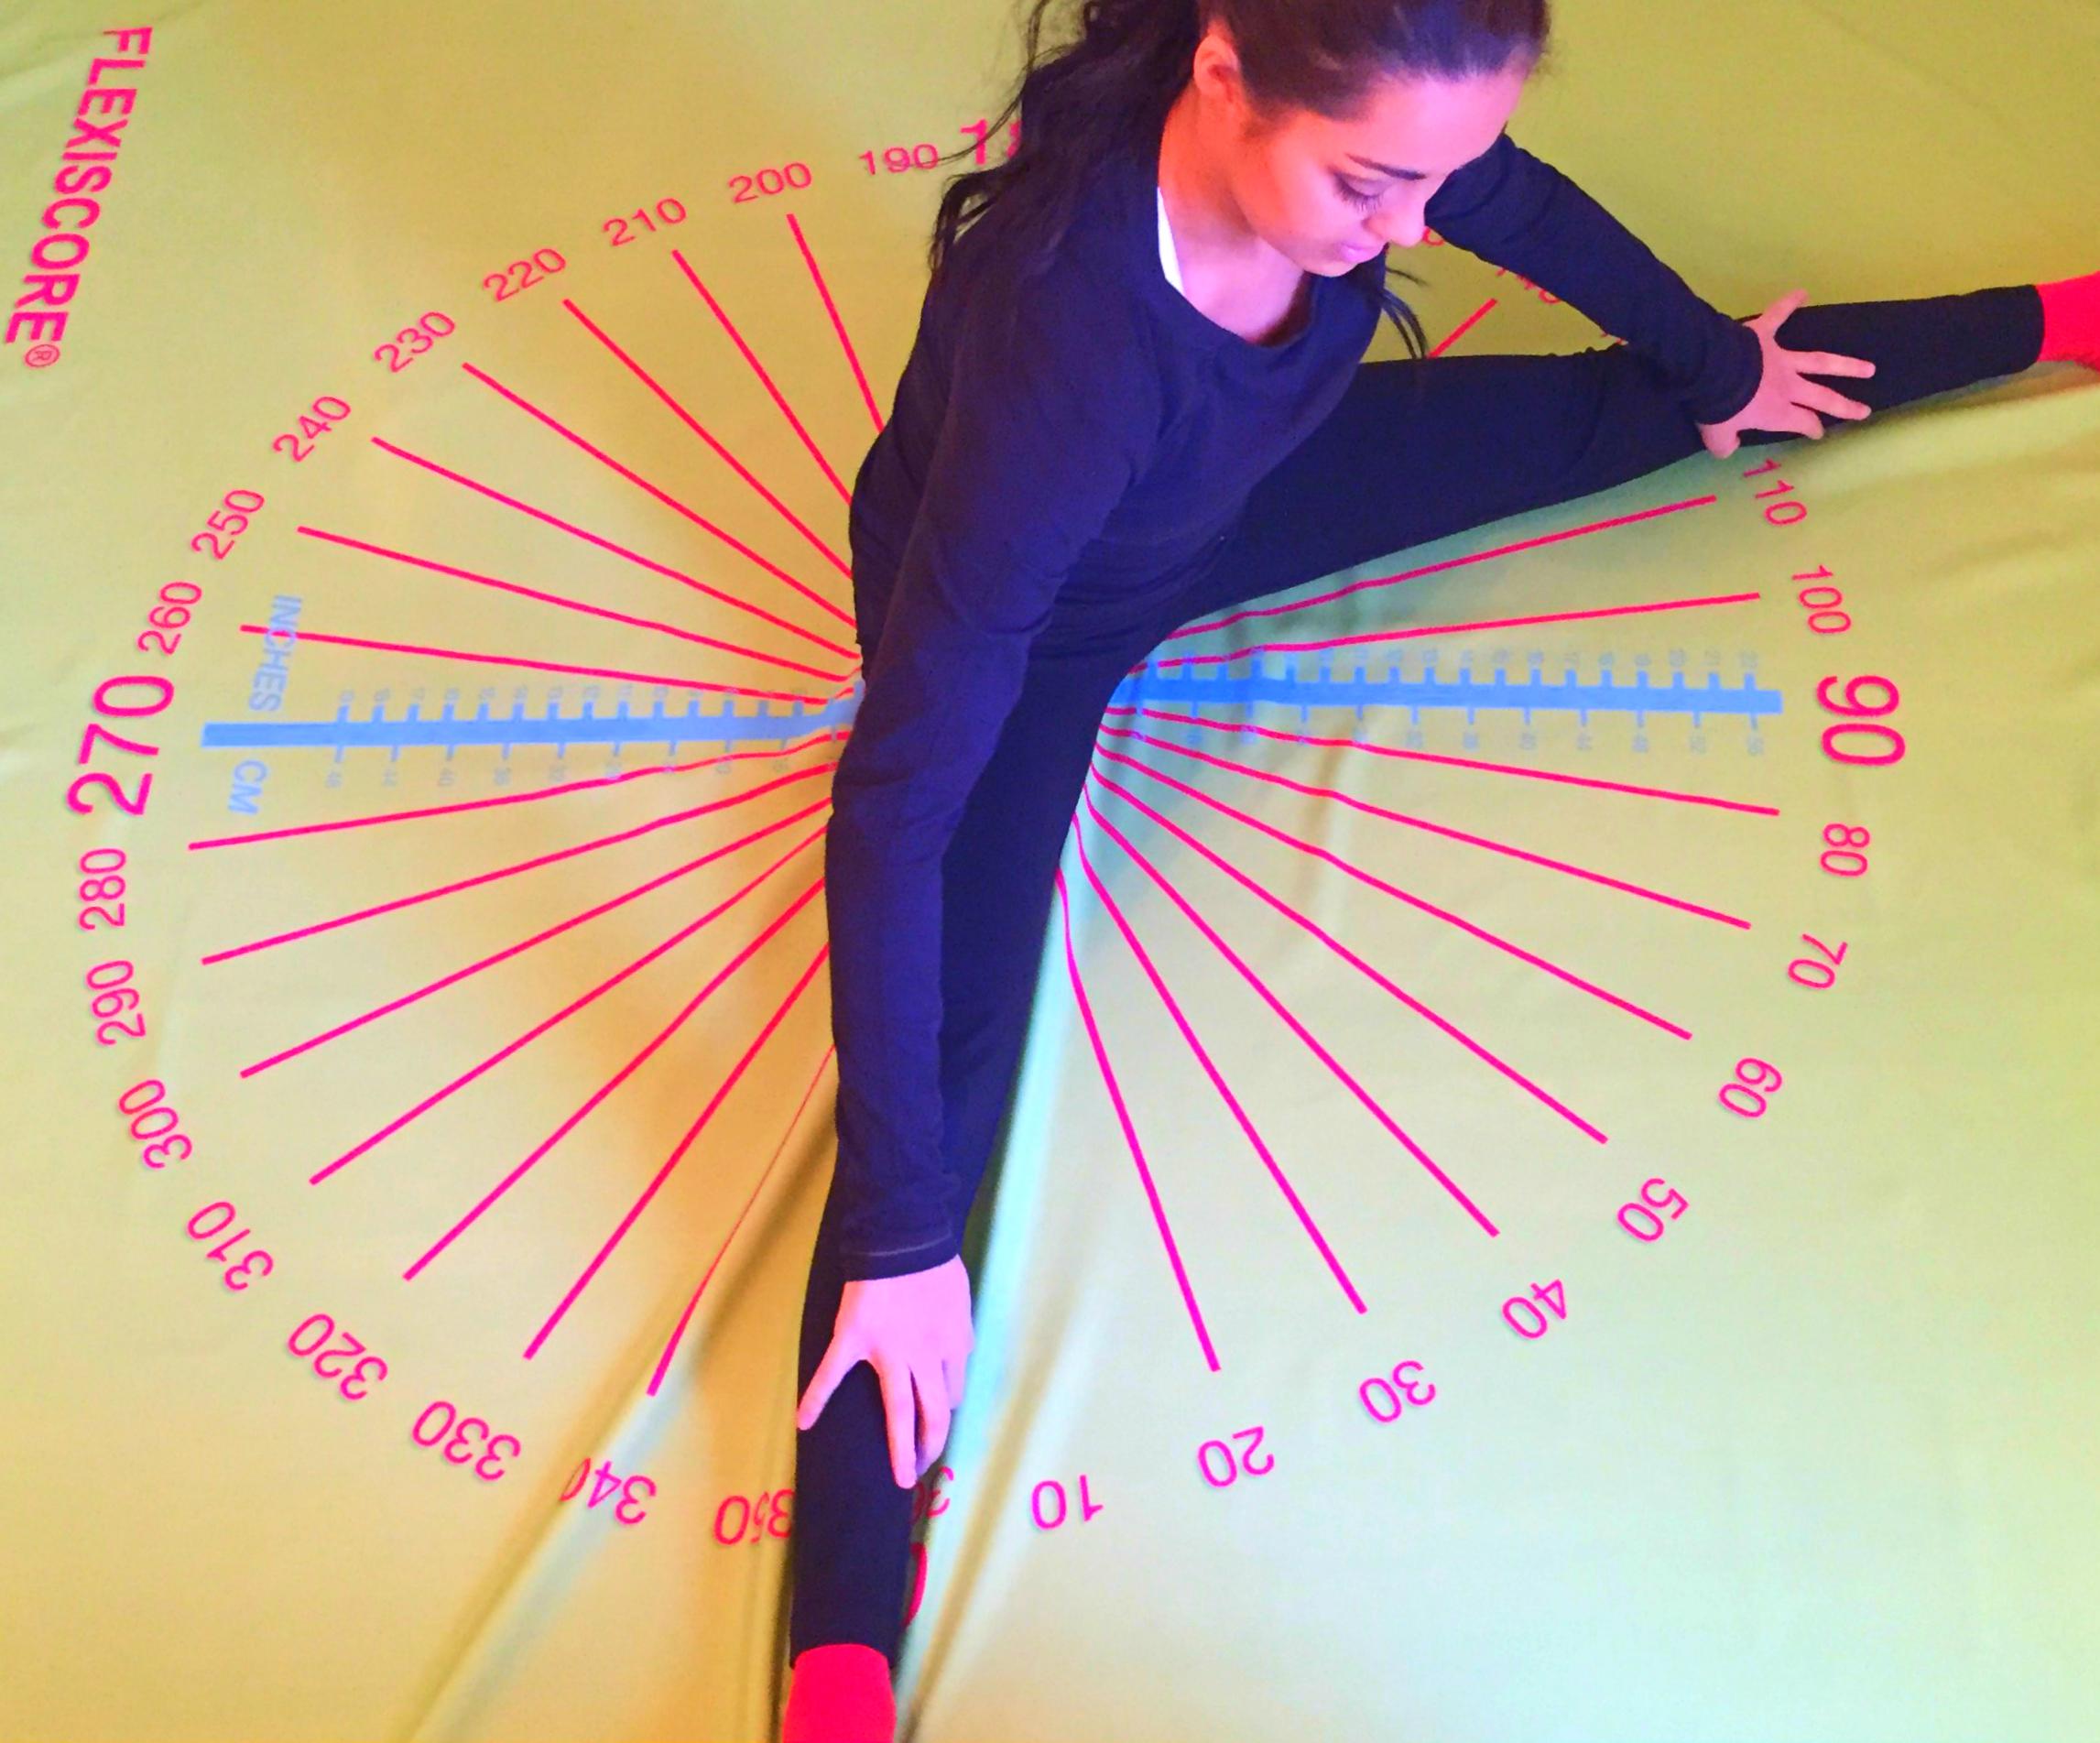 Fitness tracker. Flexibility tester.